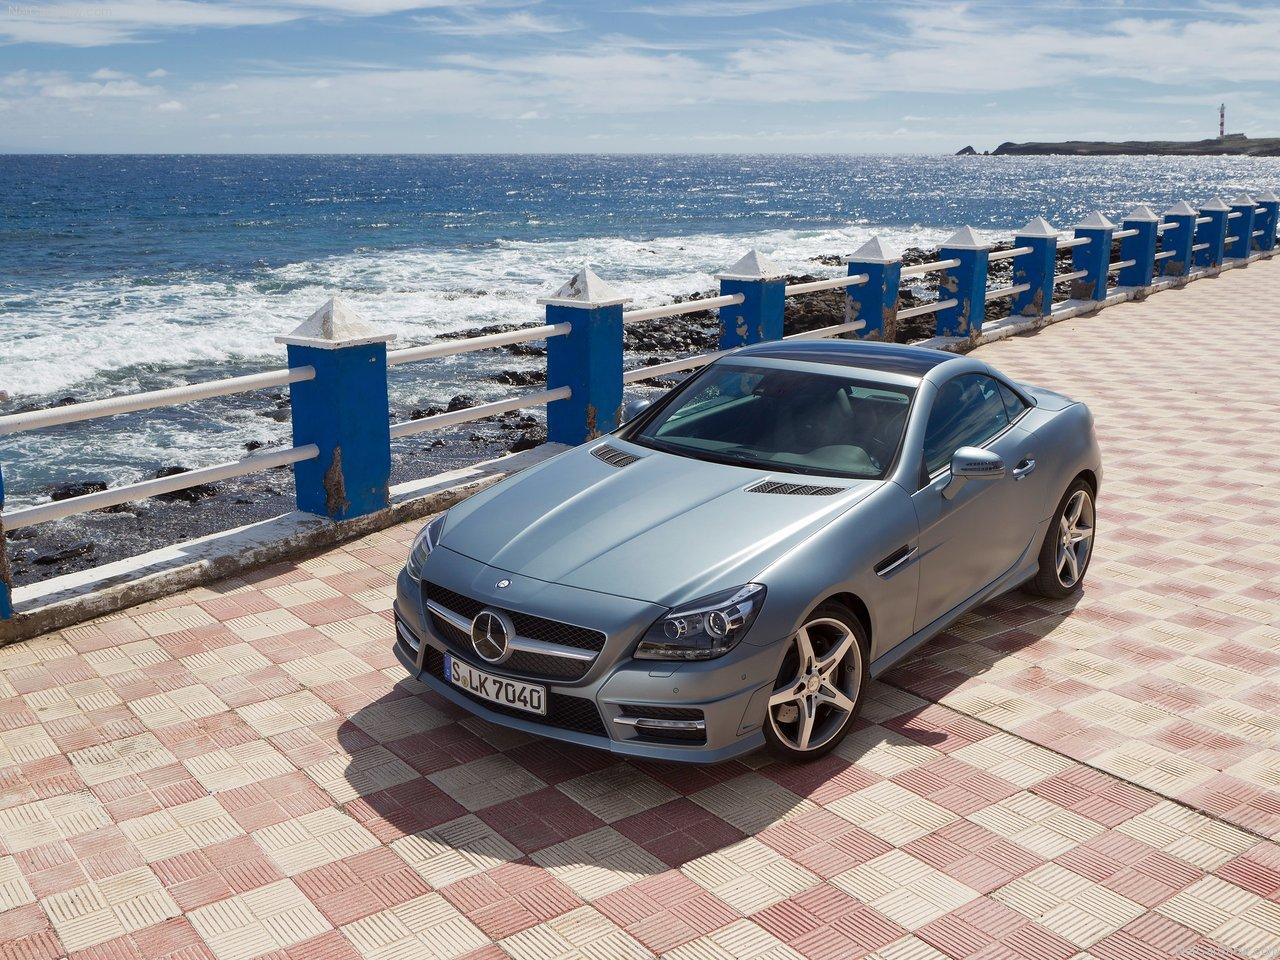 http://2.bp.blogspot.com/-V1fB8sPdXXQ/TZxfyXZenhI/AAAAAAACMcQ/Heb1tKjdqqM/s1600/Mercedes-Benz-SLK350_2012_1280x960_wallpaper_05.jpg